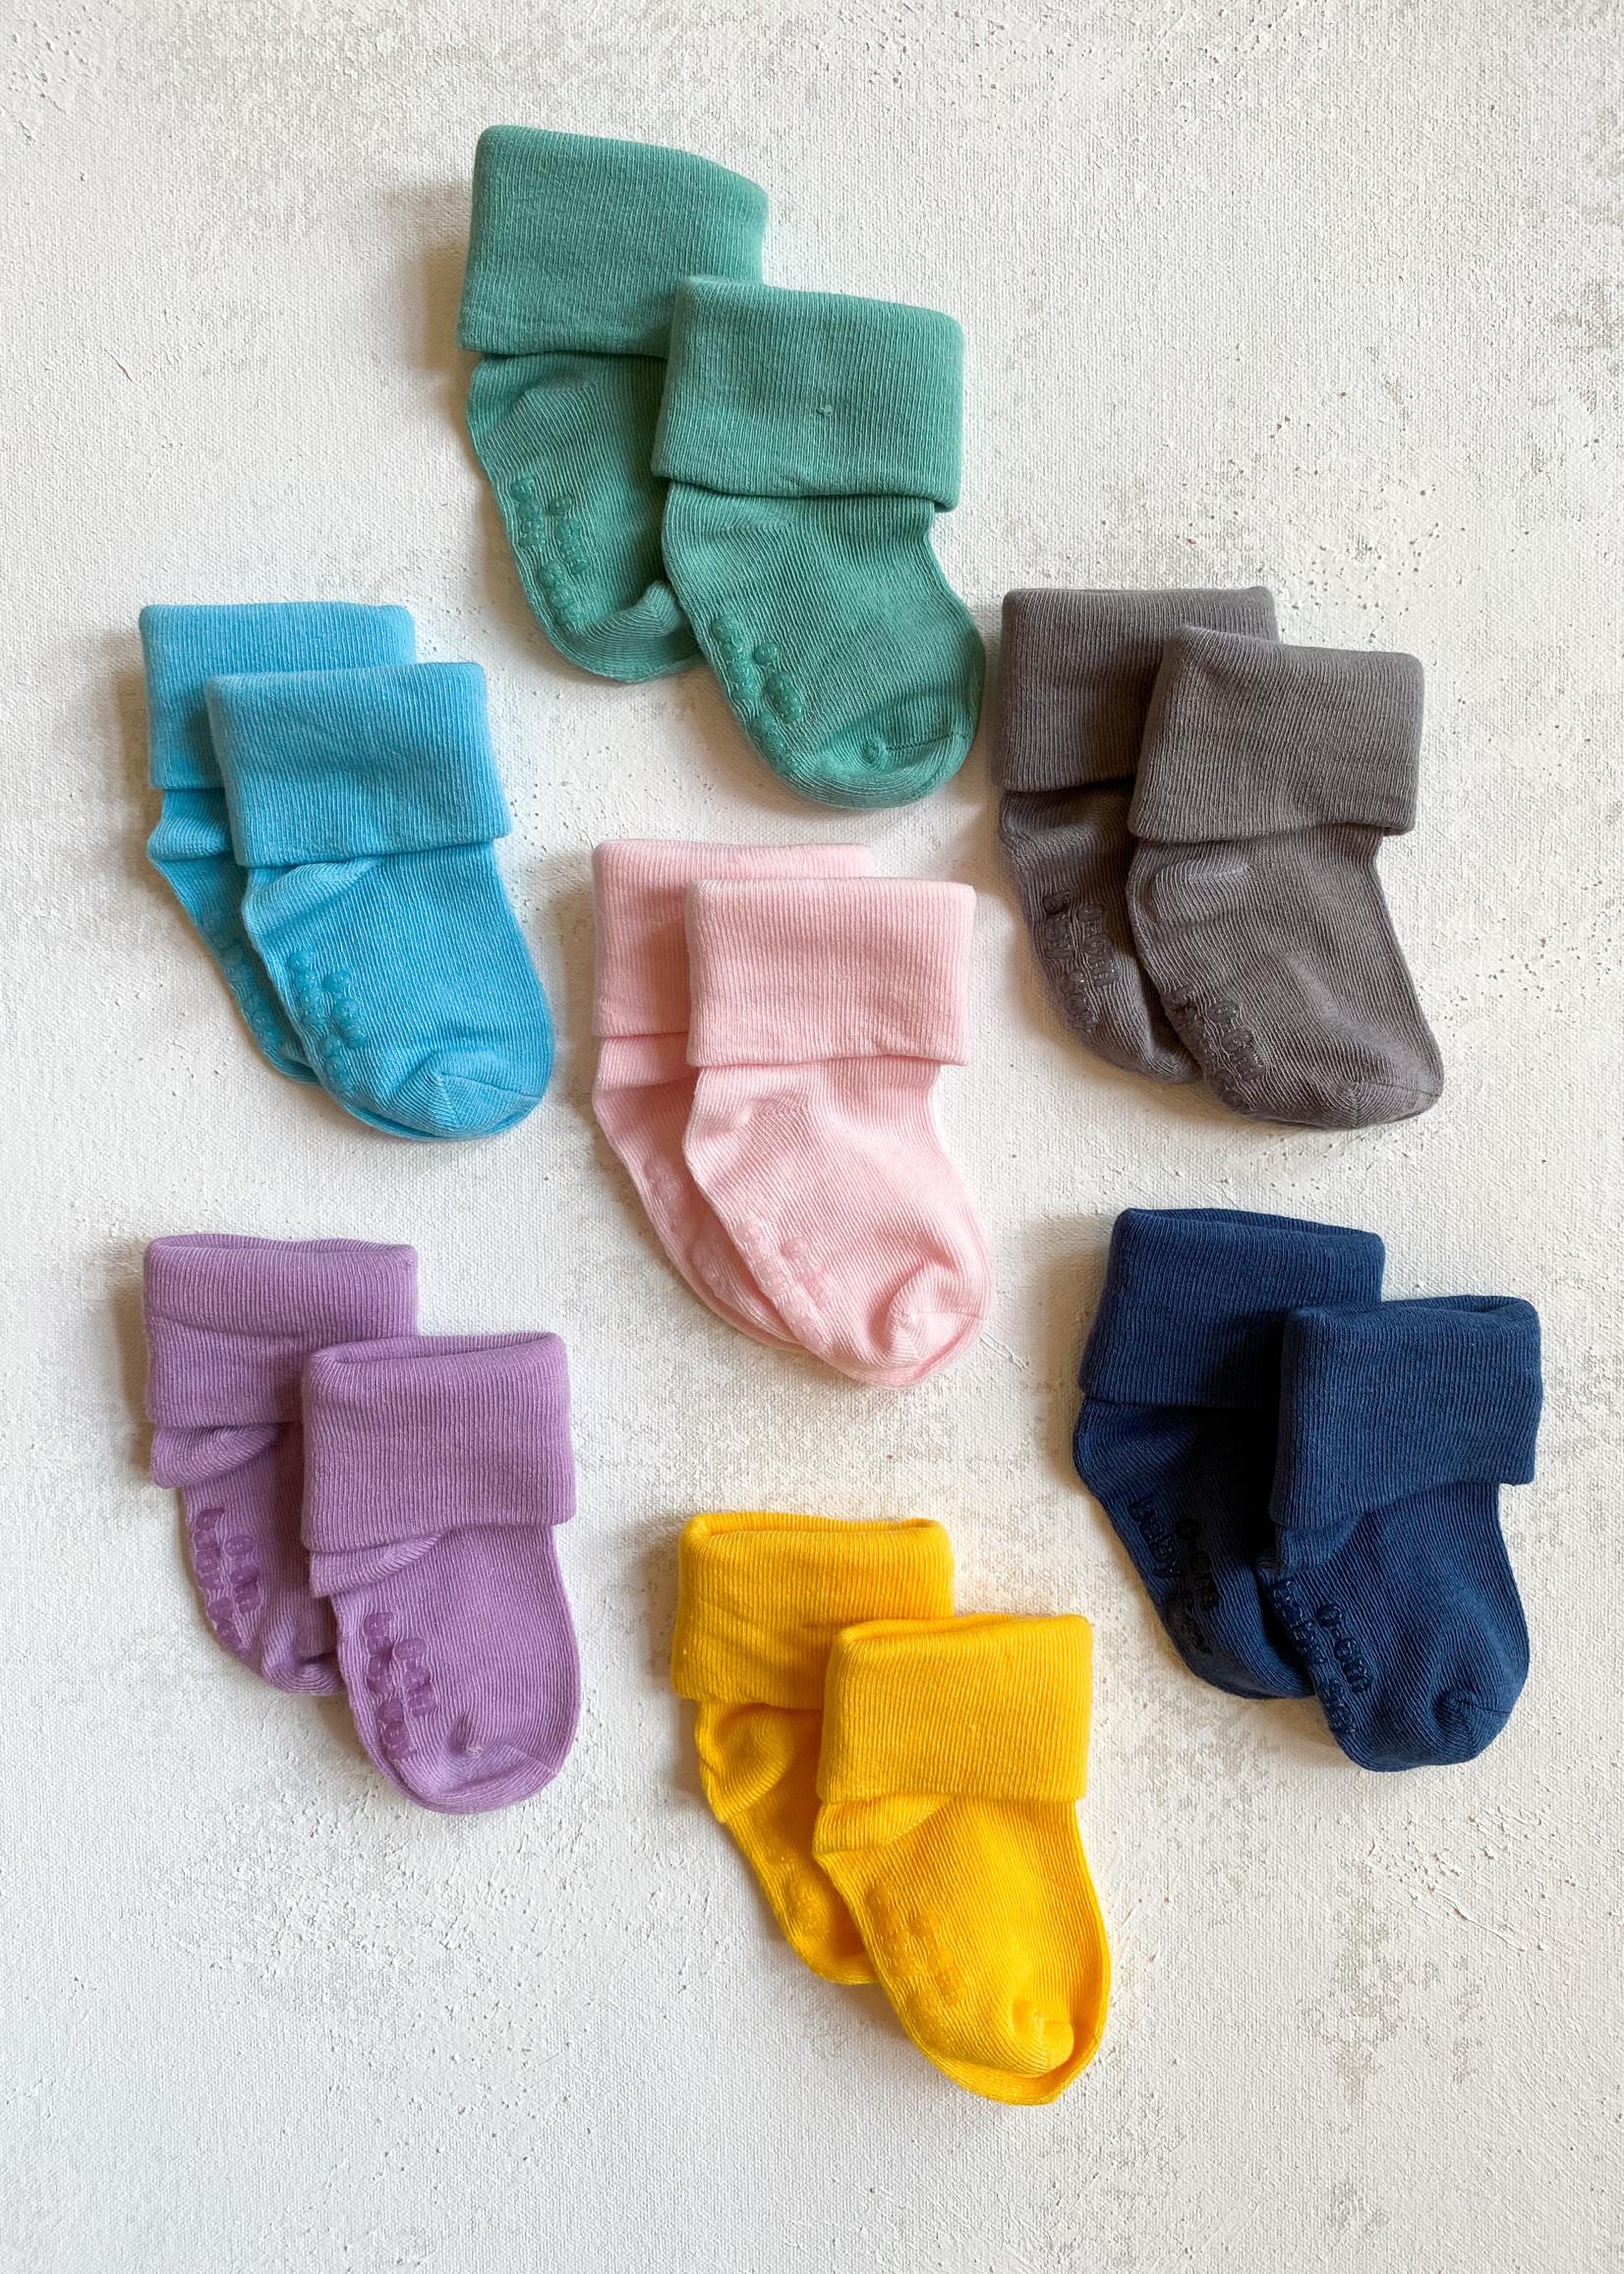 Elitaire Petite Modern Socks in Sunshine